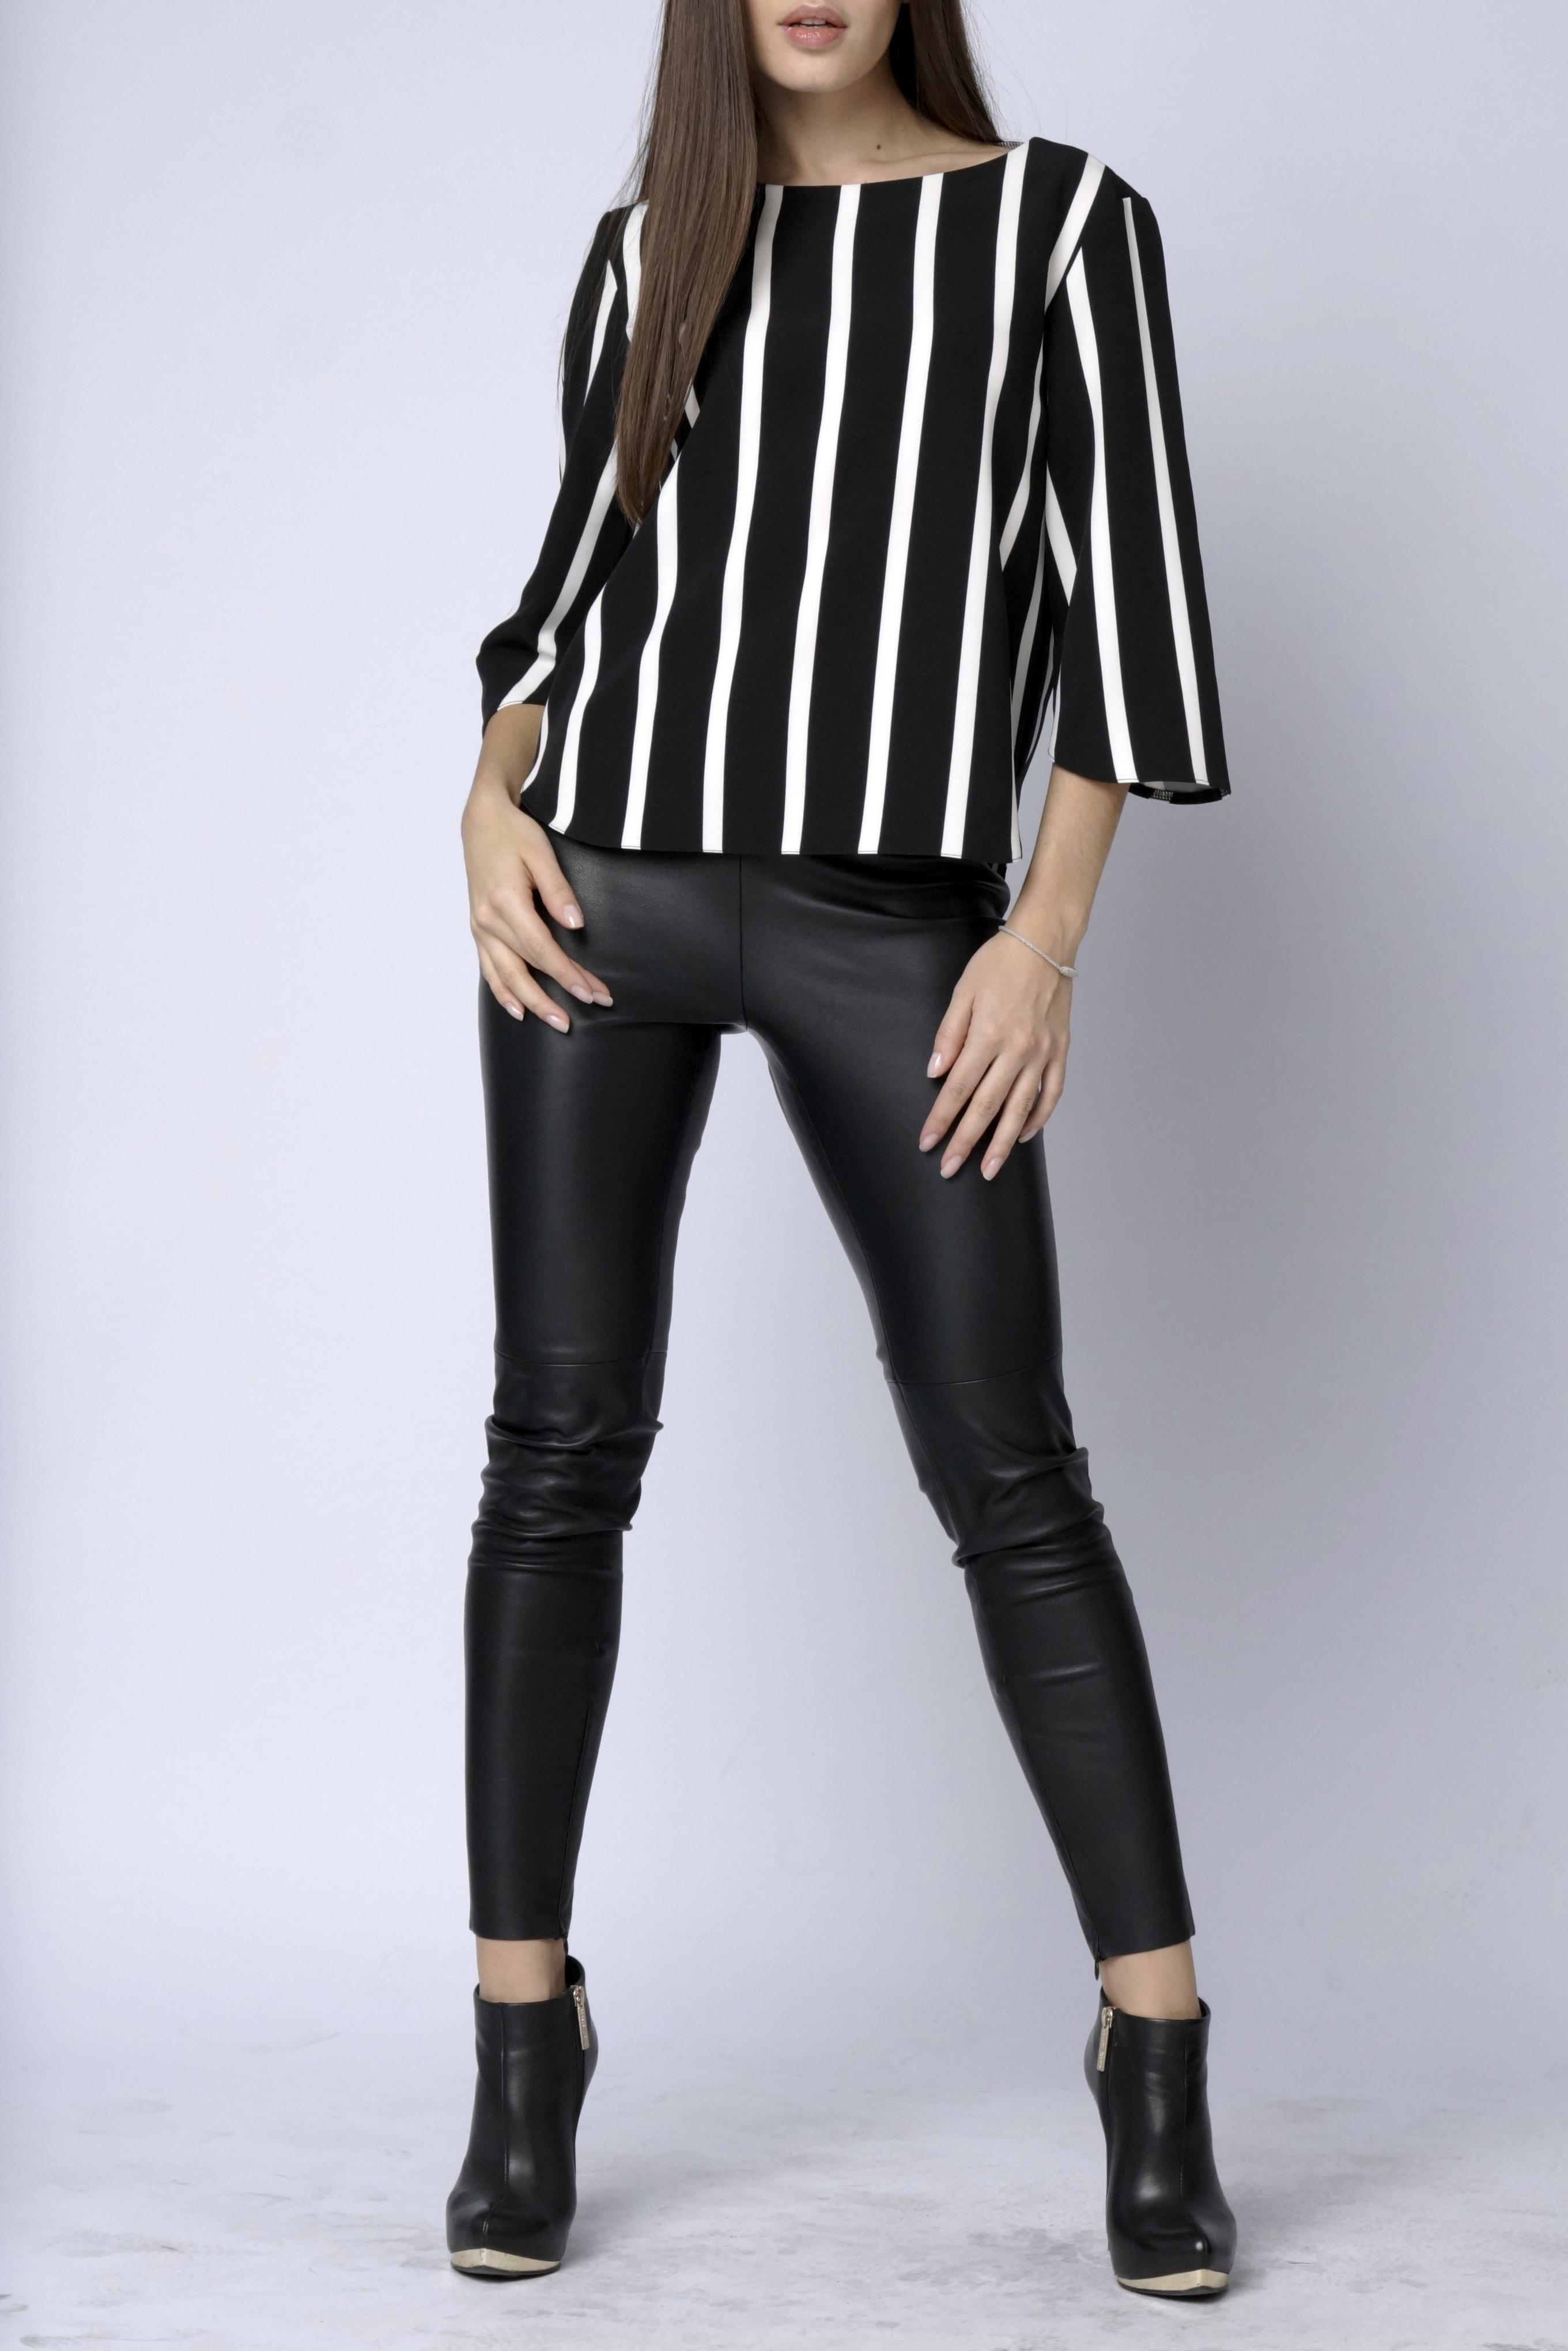 БлузкаБлузки<br>Эффектная блуза прямого кроя в контрасную вертикальную полоску, рукав три четверти, вырез горловины круглый, низ изделия и рукавов фигурный.   Длина изделия 55 см.  В изделии использованы цвета: черный, белый<br><br>Горловина: С- горловина<br>По материалу: Тканевые<br>По рисунку: В полоску,С принтом,Цветные<br>По сезону: Весна,Зима,Лето,Осень,Всесезон<br>По силуэту: Прямые<br>По стилю: Повседневный стиль<br>По элементам: С фигурным низом<br>Рукав: Рукав три четверти<br>Размер : 44-46<br>Материал: Блузочная ткань<br>Количество в наличии: 1